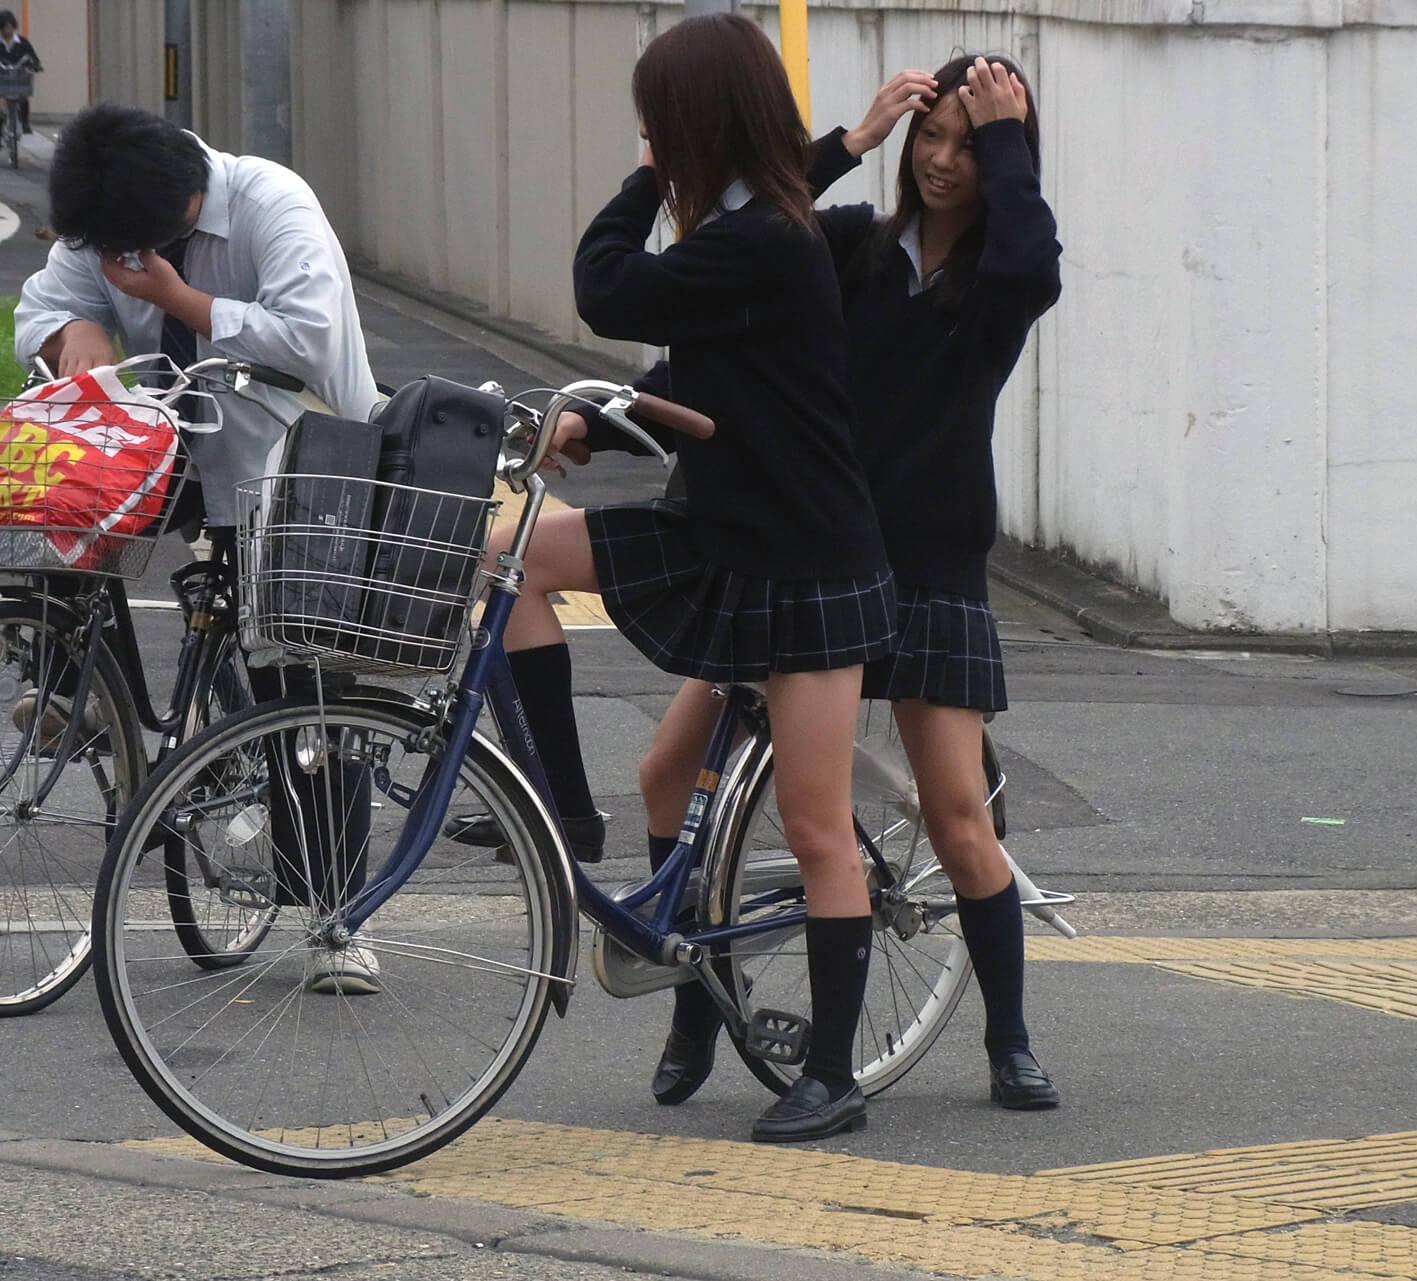 三次元 3次元 エロ画像 街撮り 素人 女子校生 JK 自転車 べっぴん娘通信 10